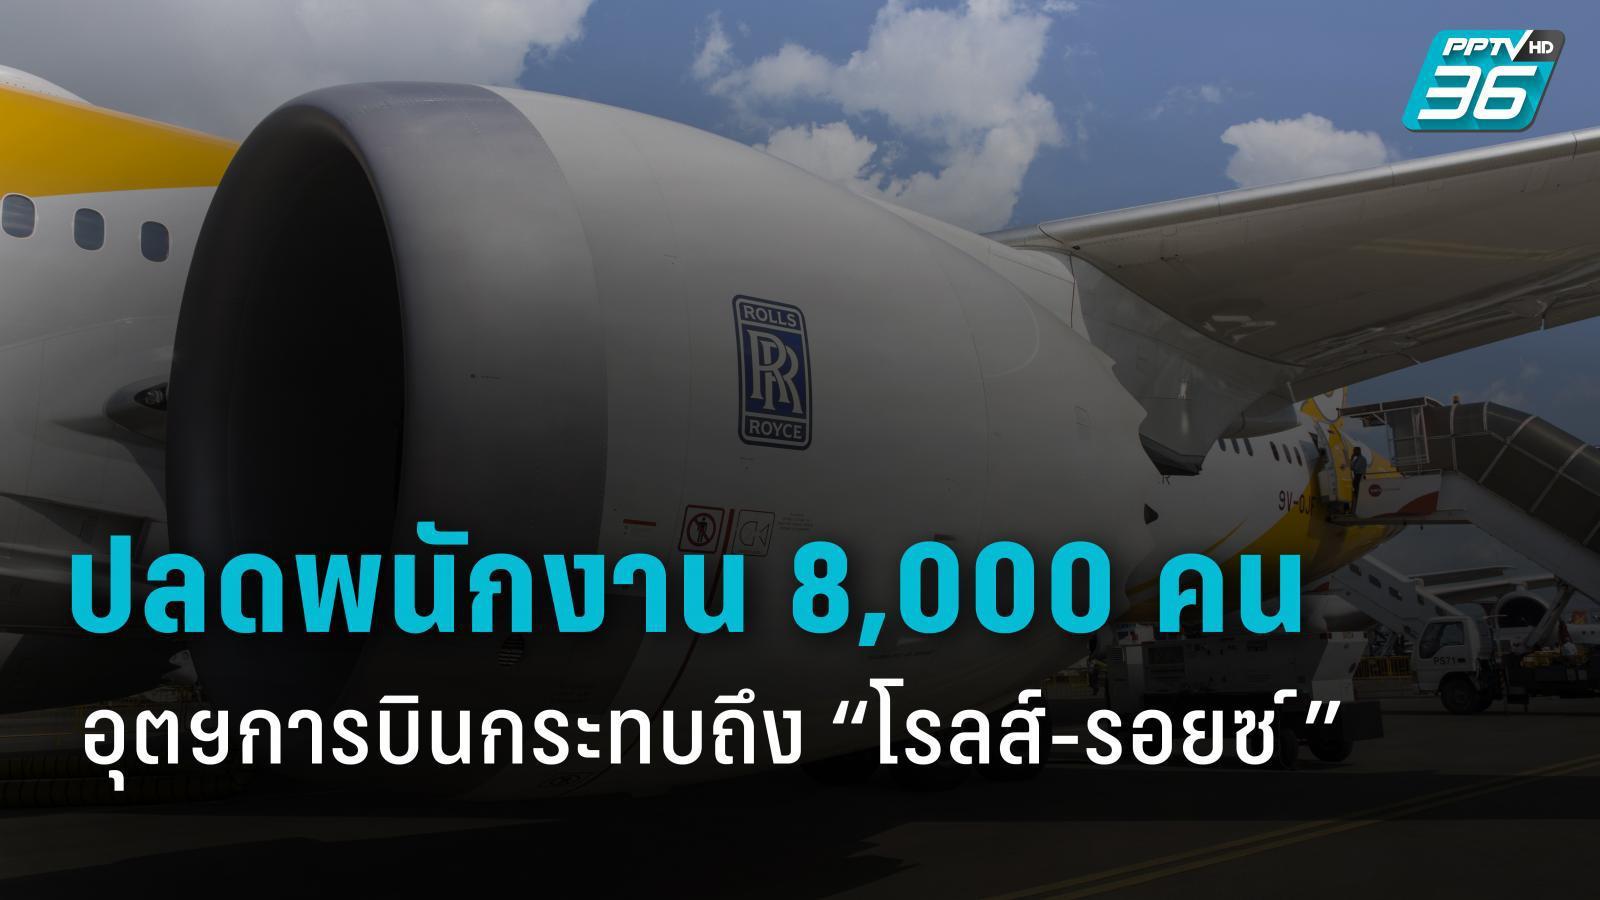 Rolls-Royce กำลังตัดสินใจปลดพนักงาน 8,000 คน หลังกระทบ โควิด-19